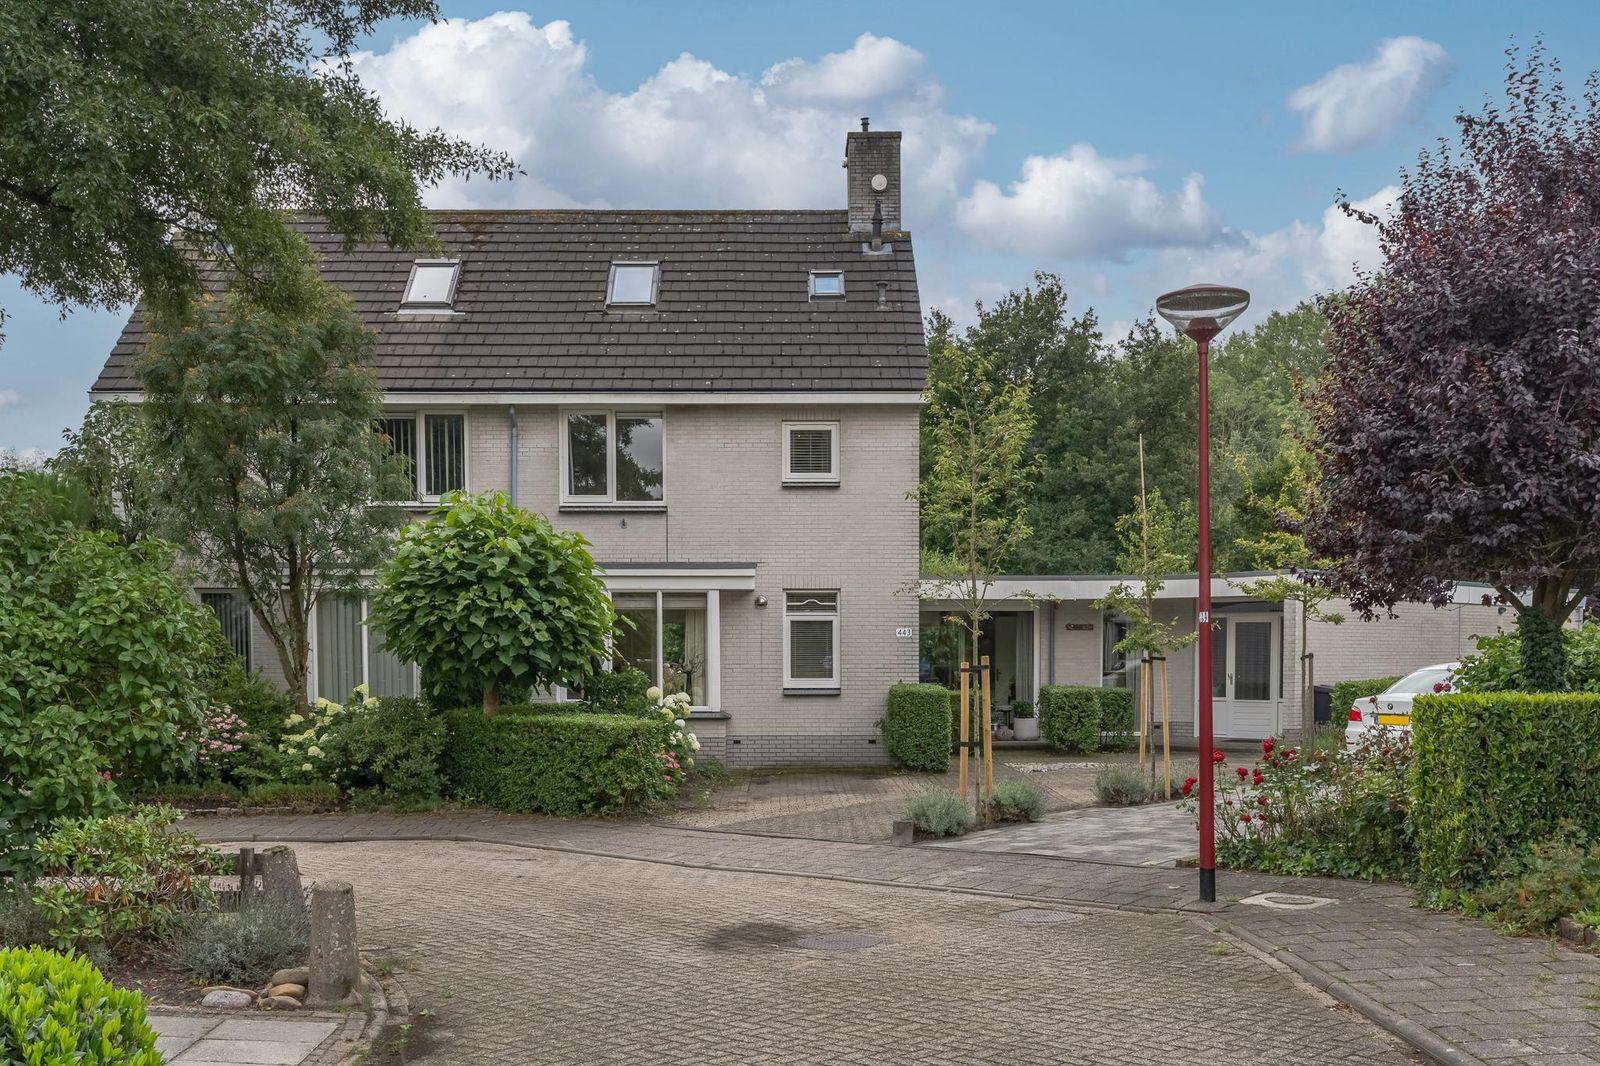 Nedereindseweg 443, Nieuwegein